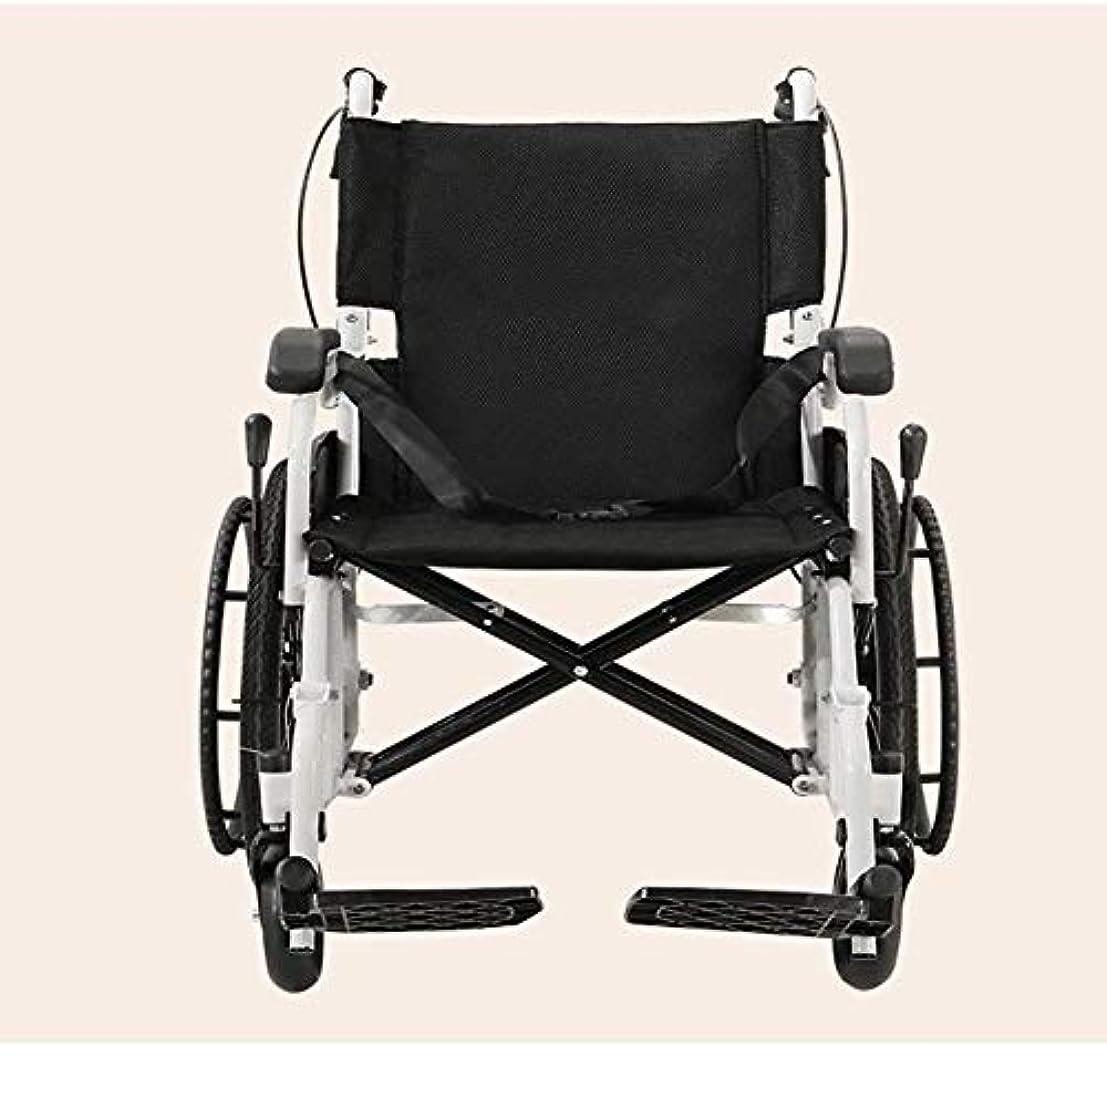 ギャロップ包括的リサイクルする軽量車椅子、ポータブル折りたたみ収納コンパクトスチールパイプハンドブレーキモビリティドライブフットレスト車椅子